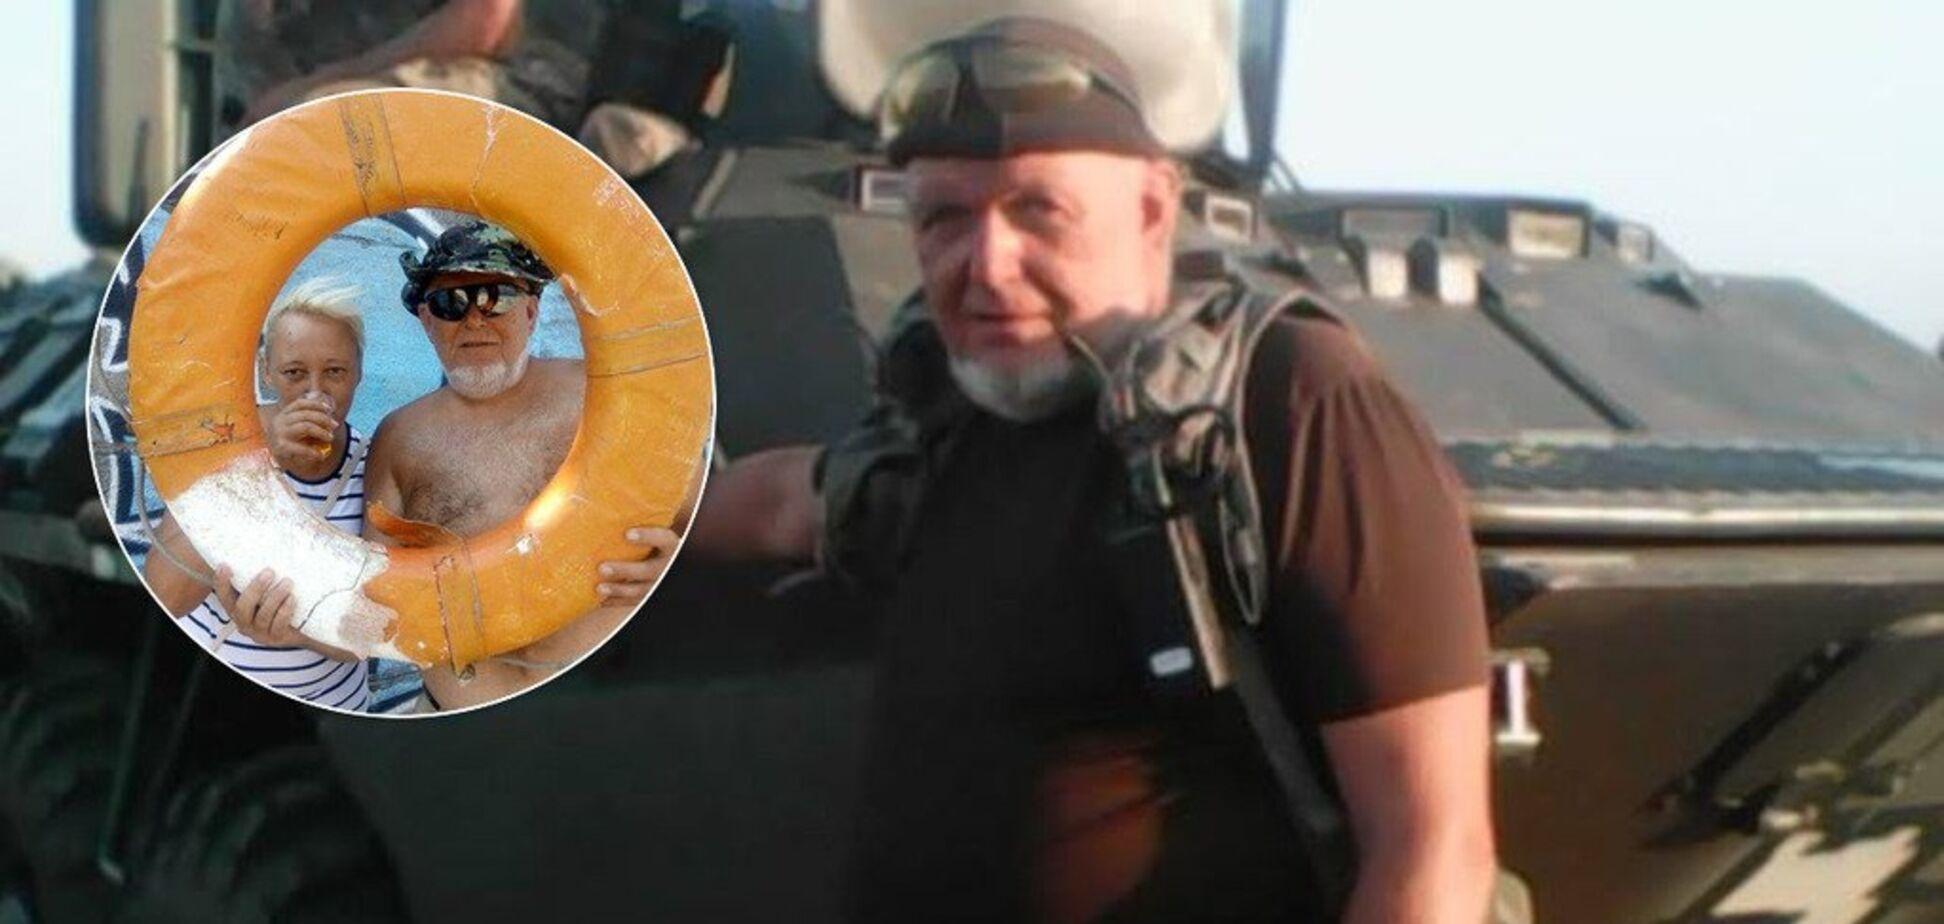 Выгнали из квартиры и незаконно задержали: адвокат рассказал неожиданные подробности дела о смерти Хана